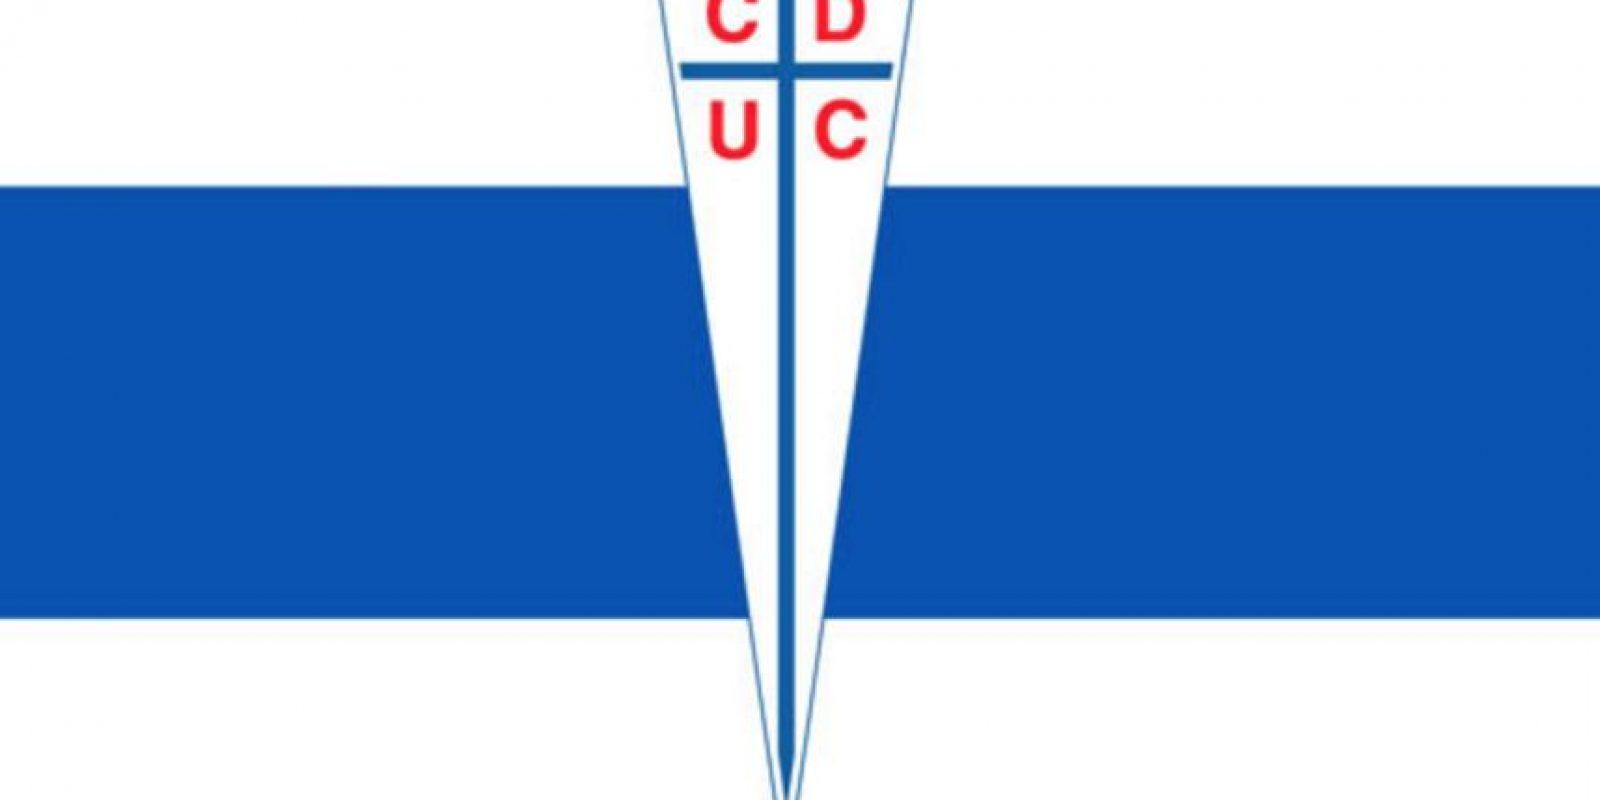 Universidad Católica. 'Cruzados'. Se debe a la enorme cruz de su escudo. La mayoría de los fundadores estudiaban en la Pontifica Universidad Católica